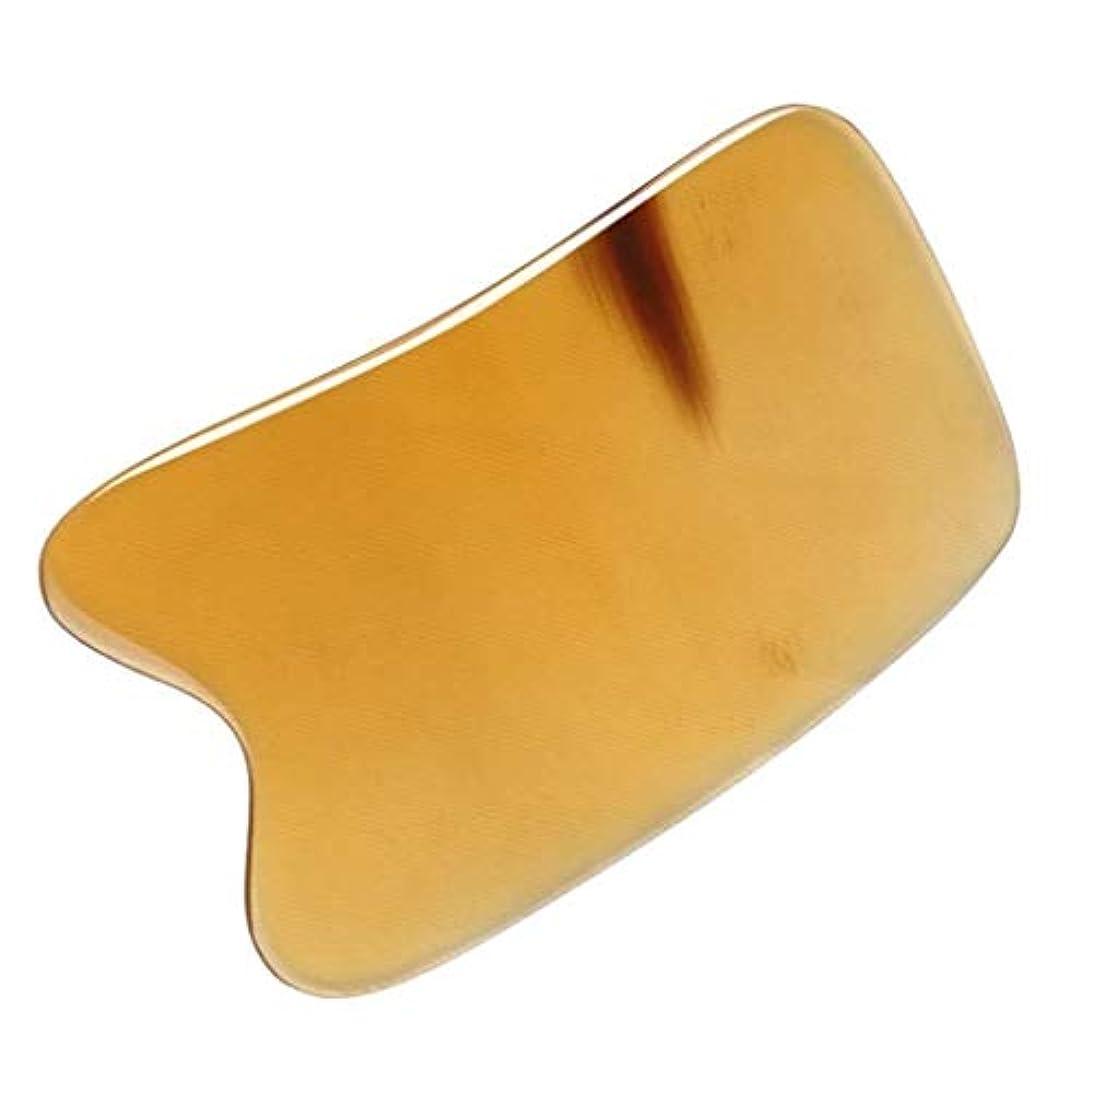 値下げきゅうり非公式IASTMグラストン理学療法ツール-最高品質のハンドメイドバッファローホーングアシャボード-首と筋肉の痛みを軽減 (Size : 5mm)